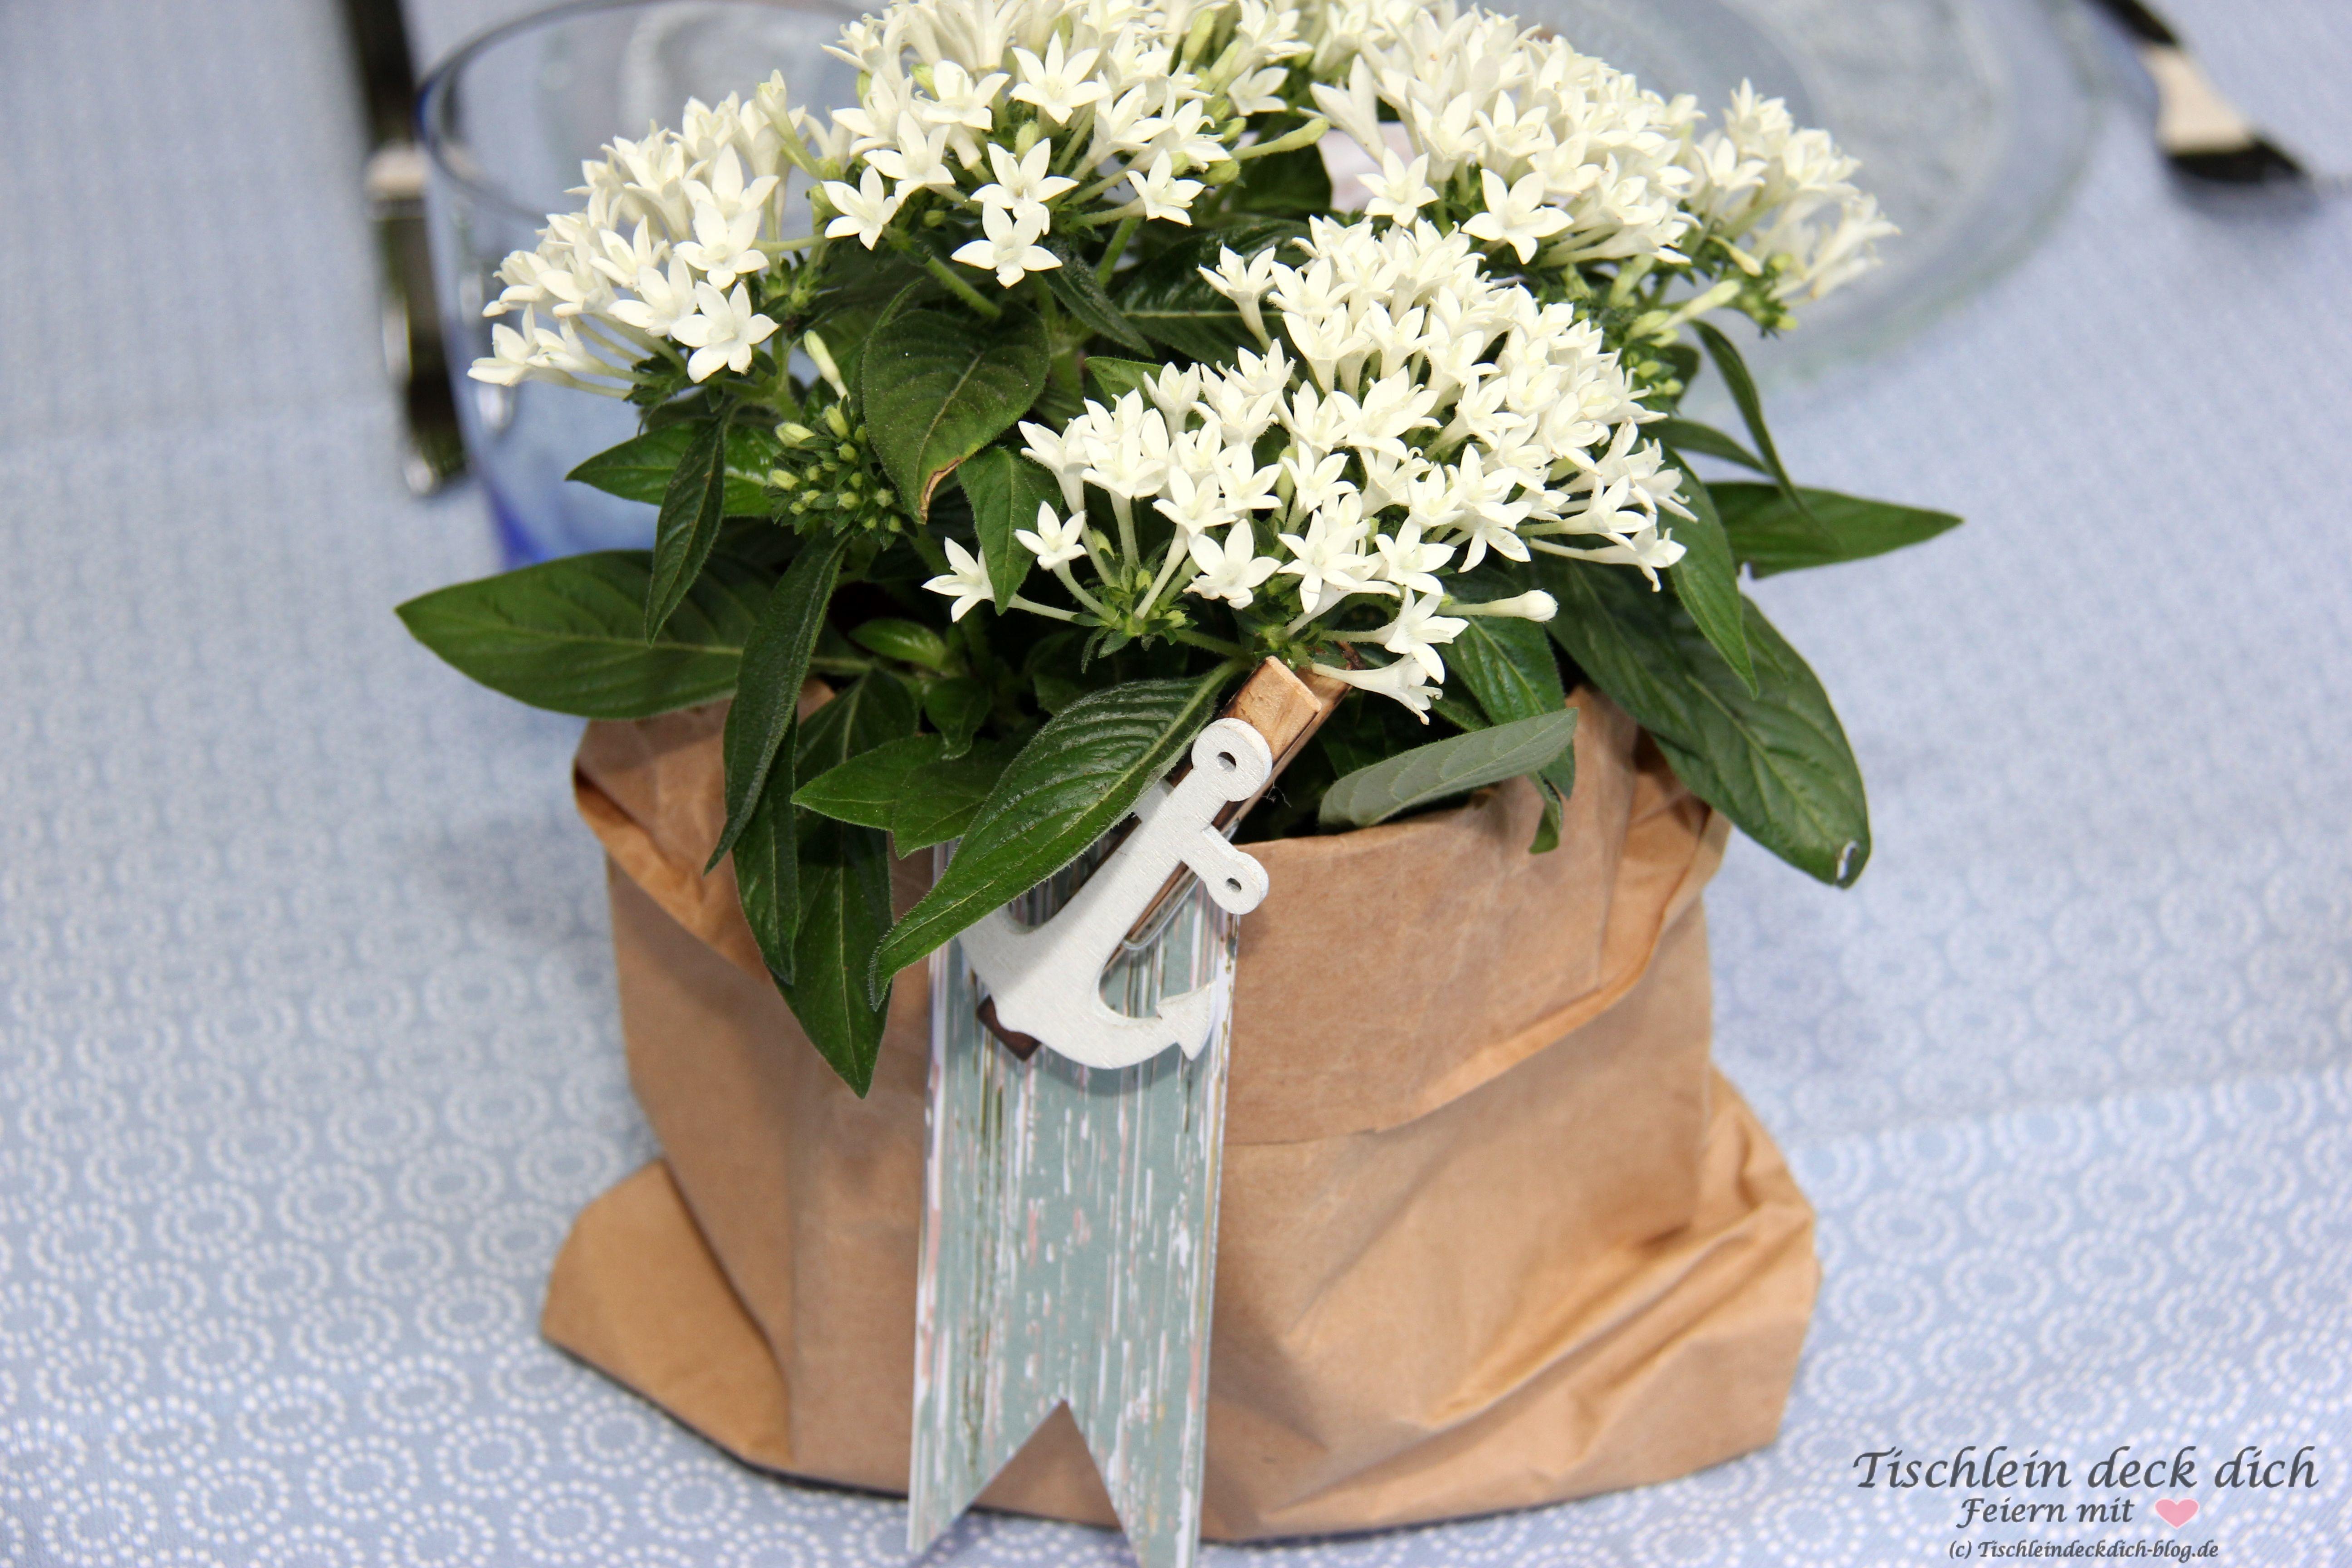 Maritime Blumendekoration Tischlein deck dich